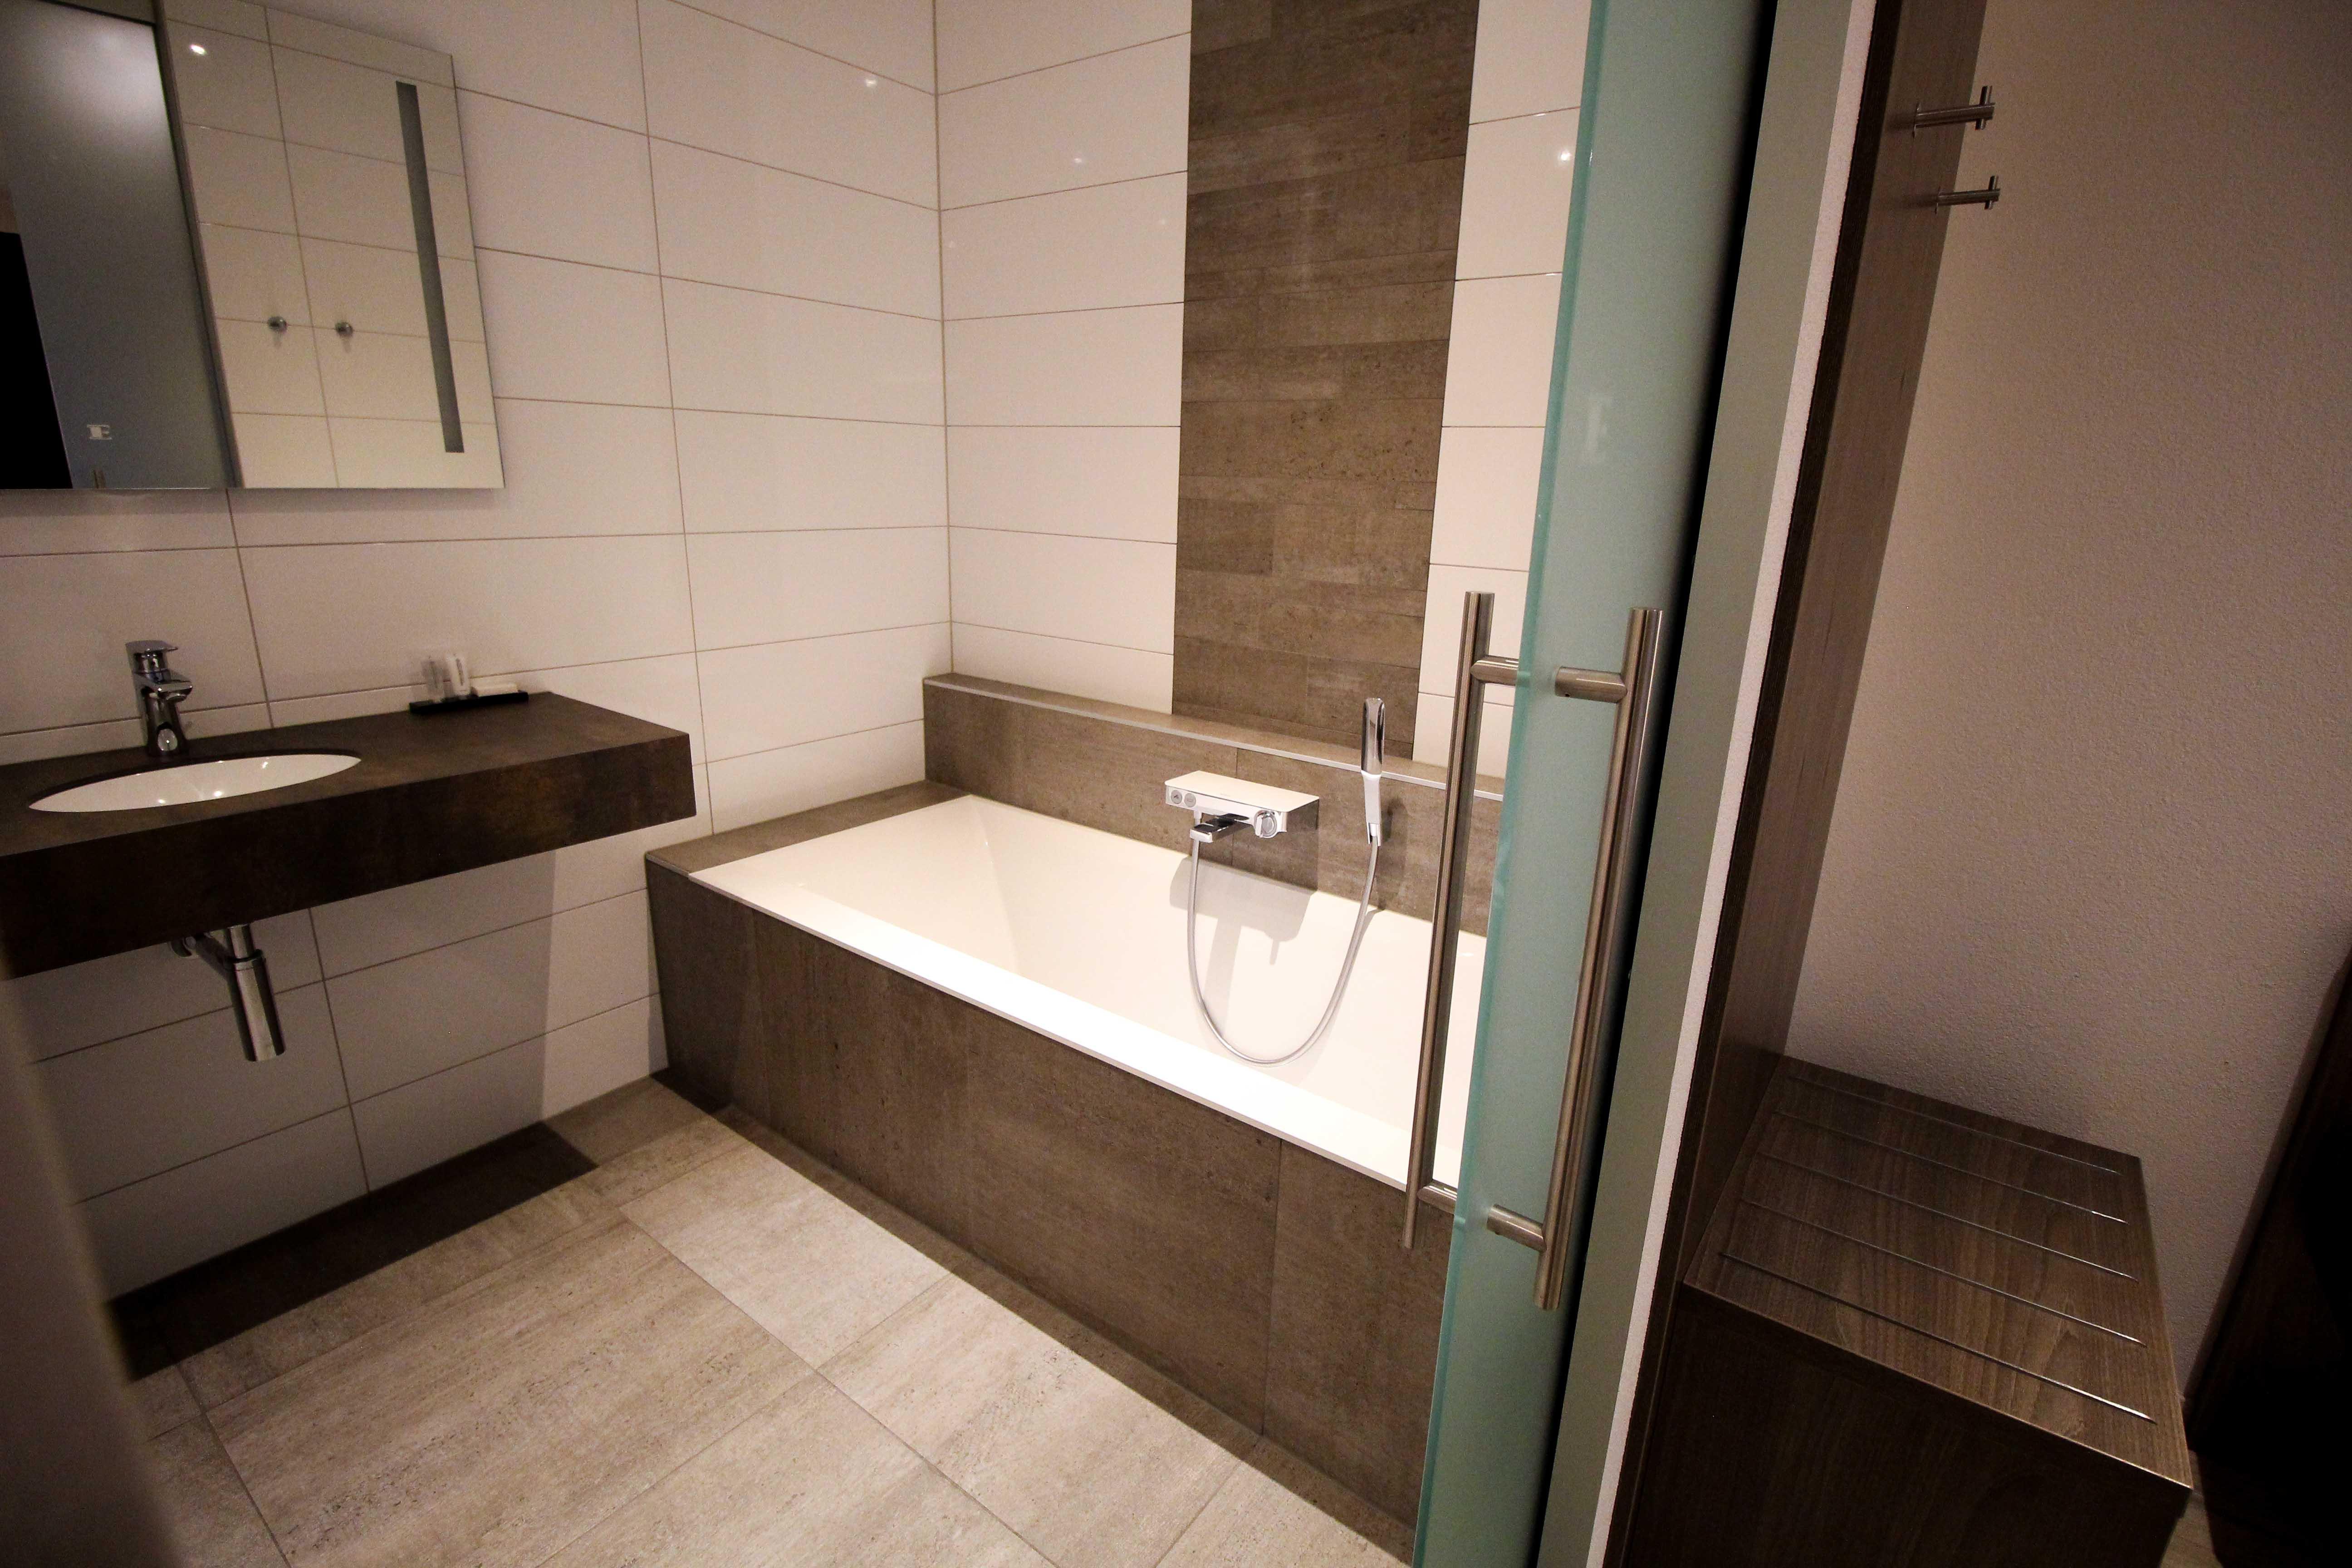 Wochenendtrip Holland Gelderland Hotel De Twee Linden Rivierenland das andere Holland Badezimmer Reiseblog